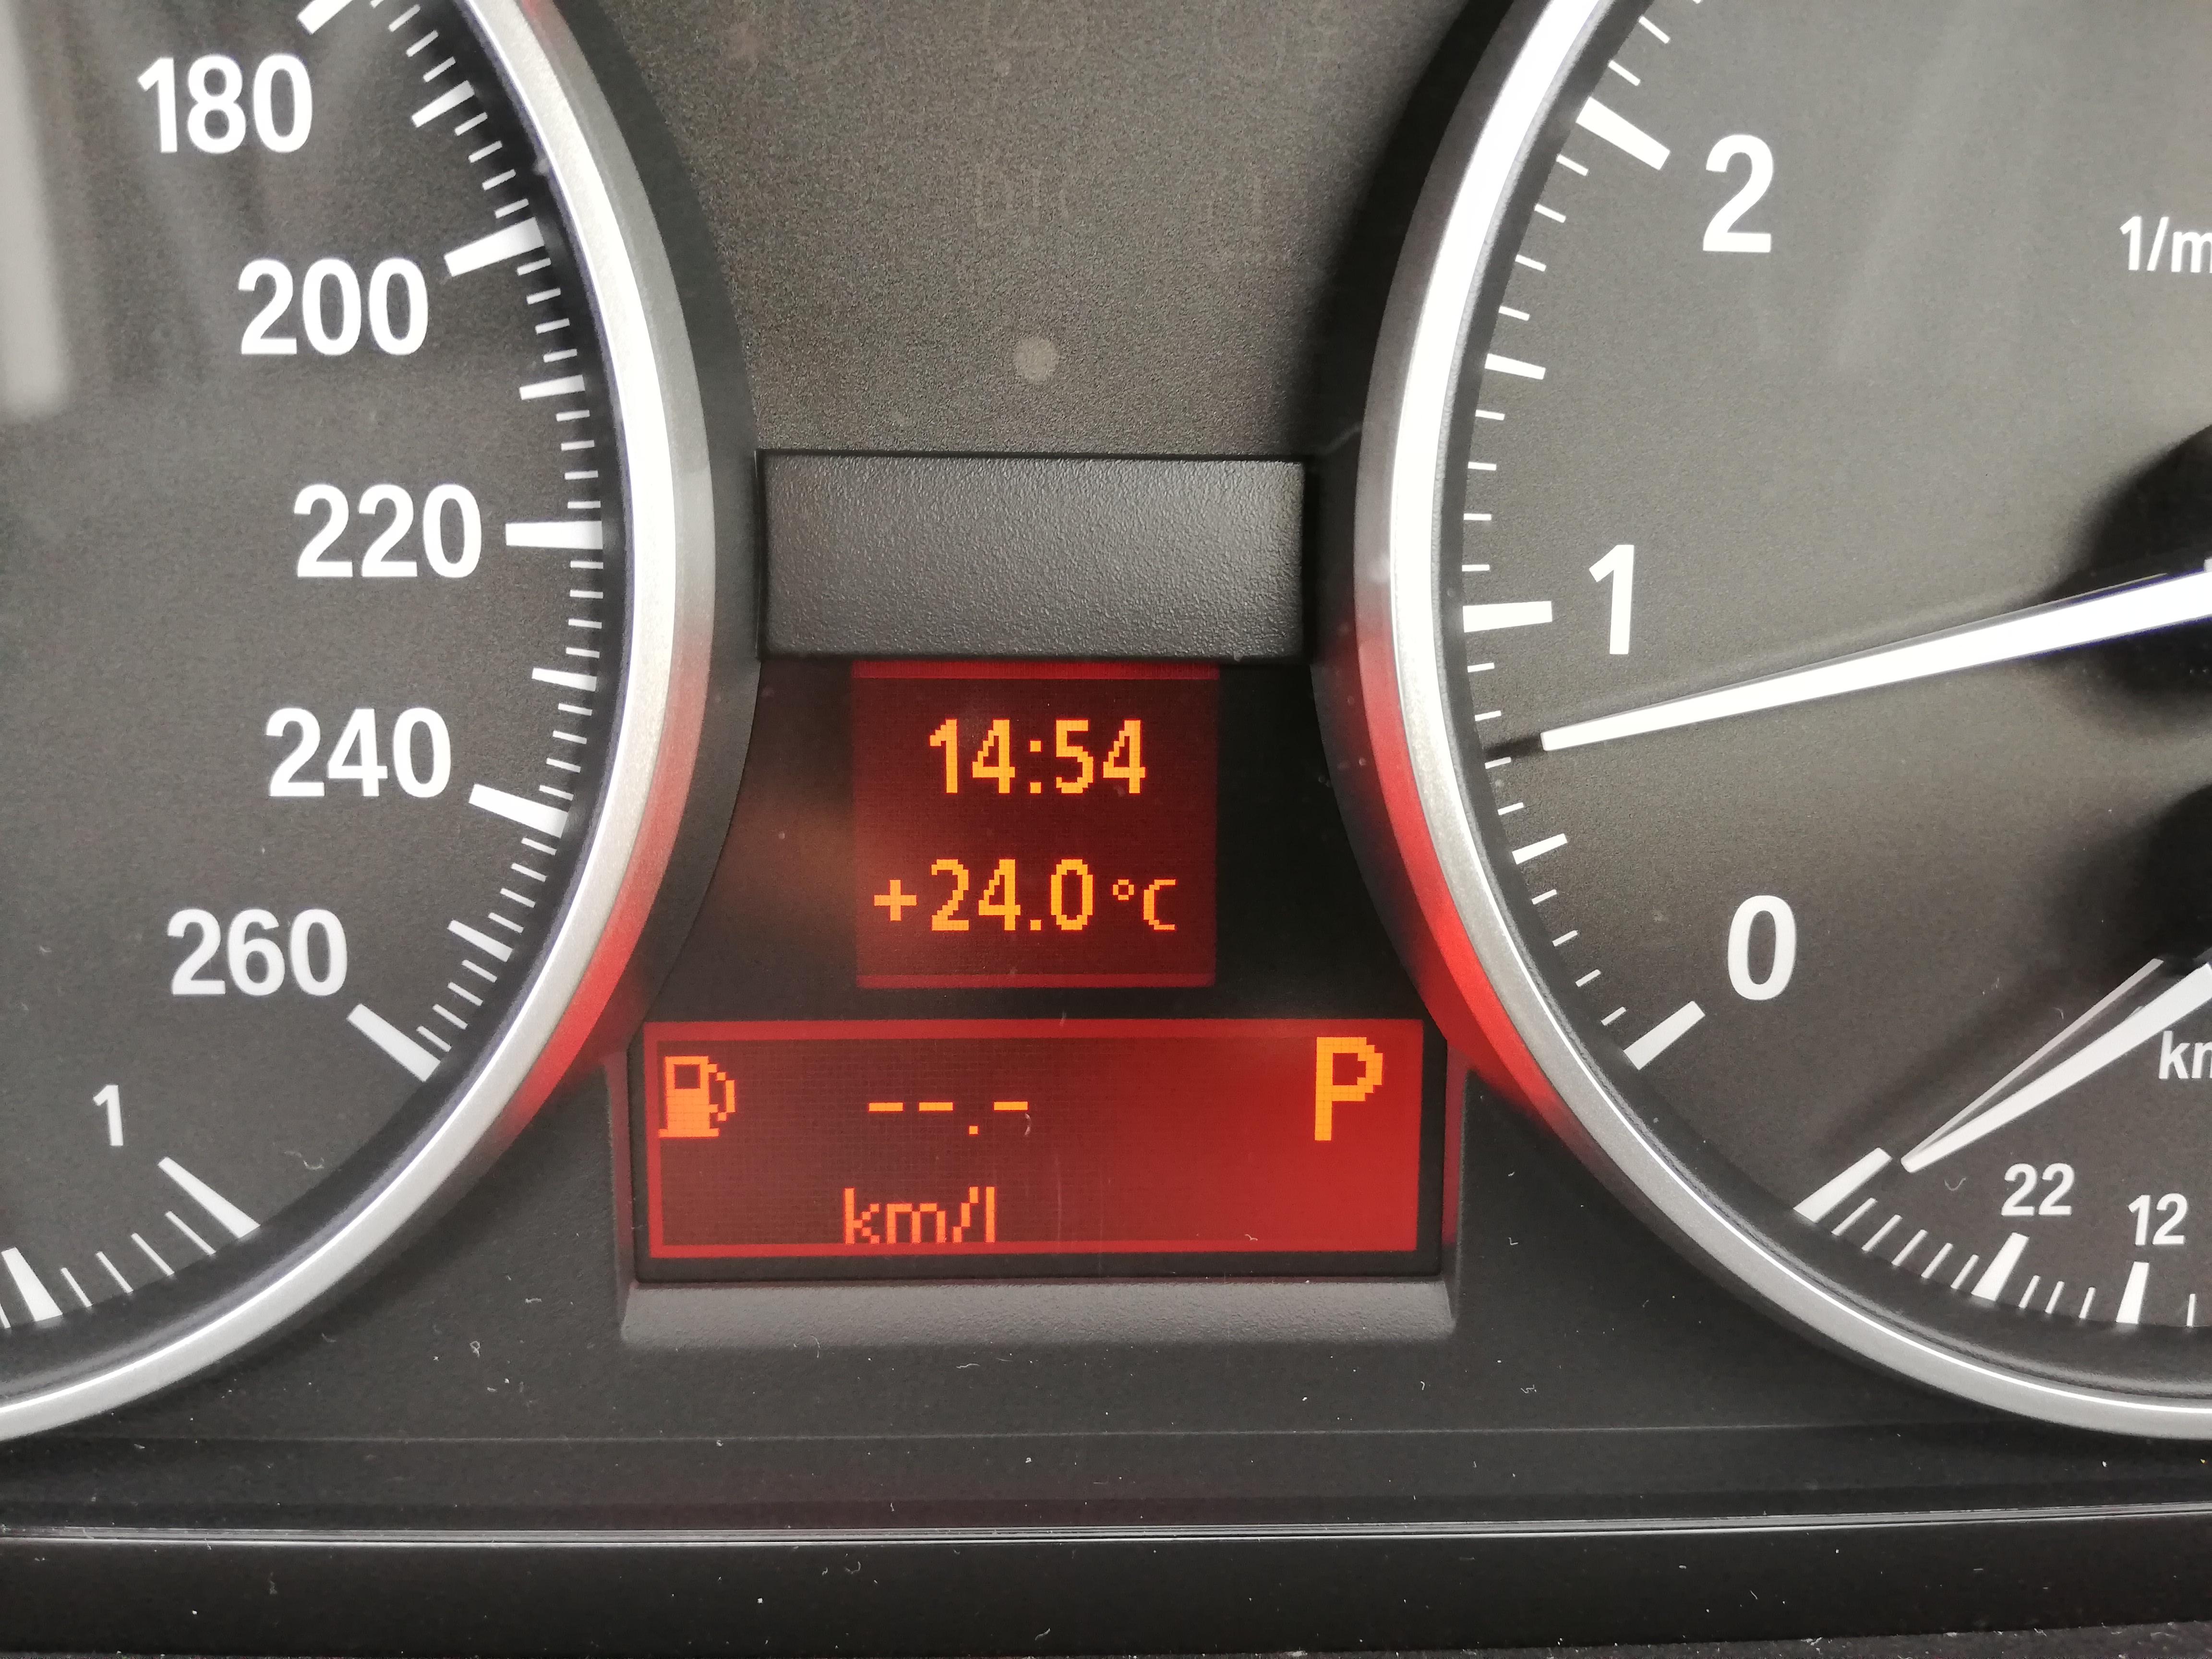 簡単カスタム!BMWロゴカーテシランプでラグジュアリー感UP!